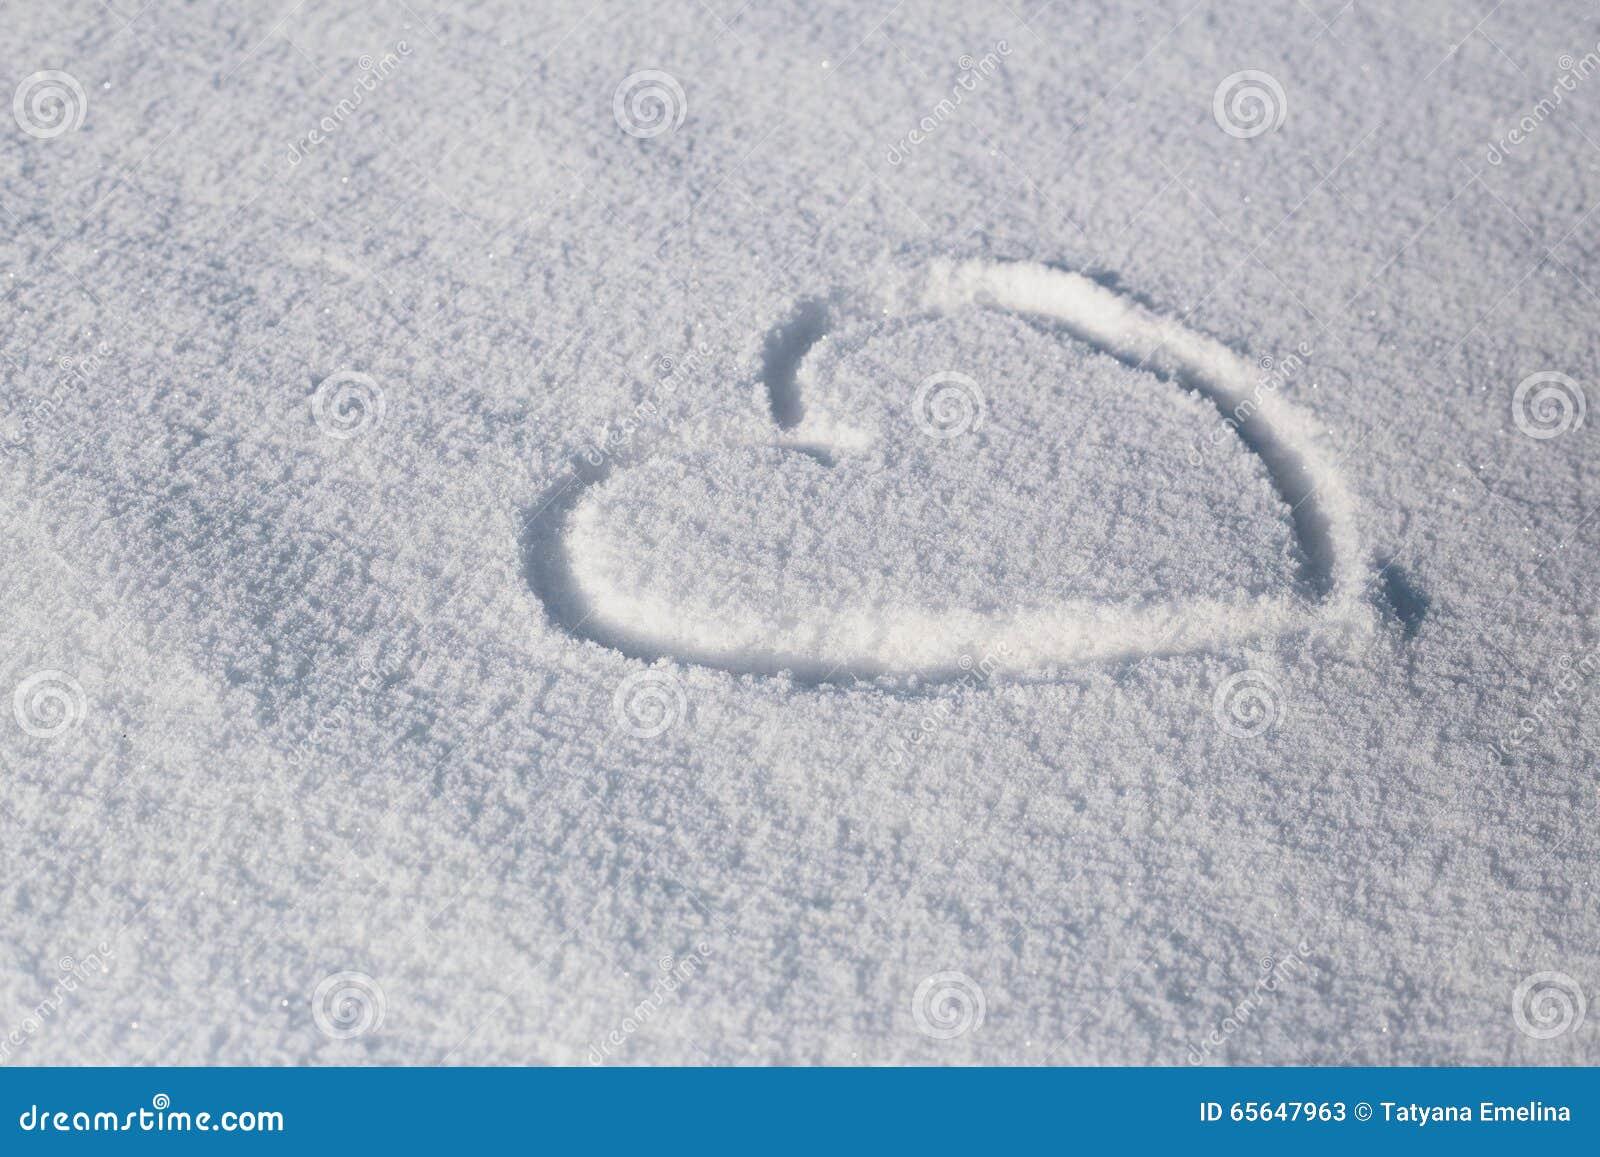 Le symbole du coeur peint sur la neige blanche fraîche